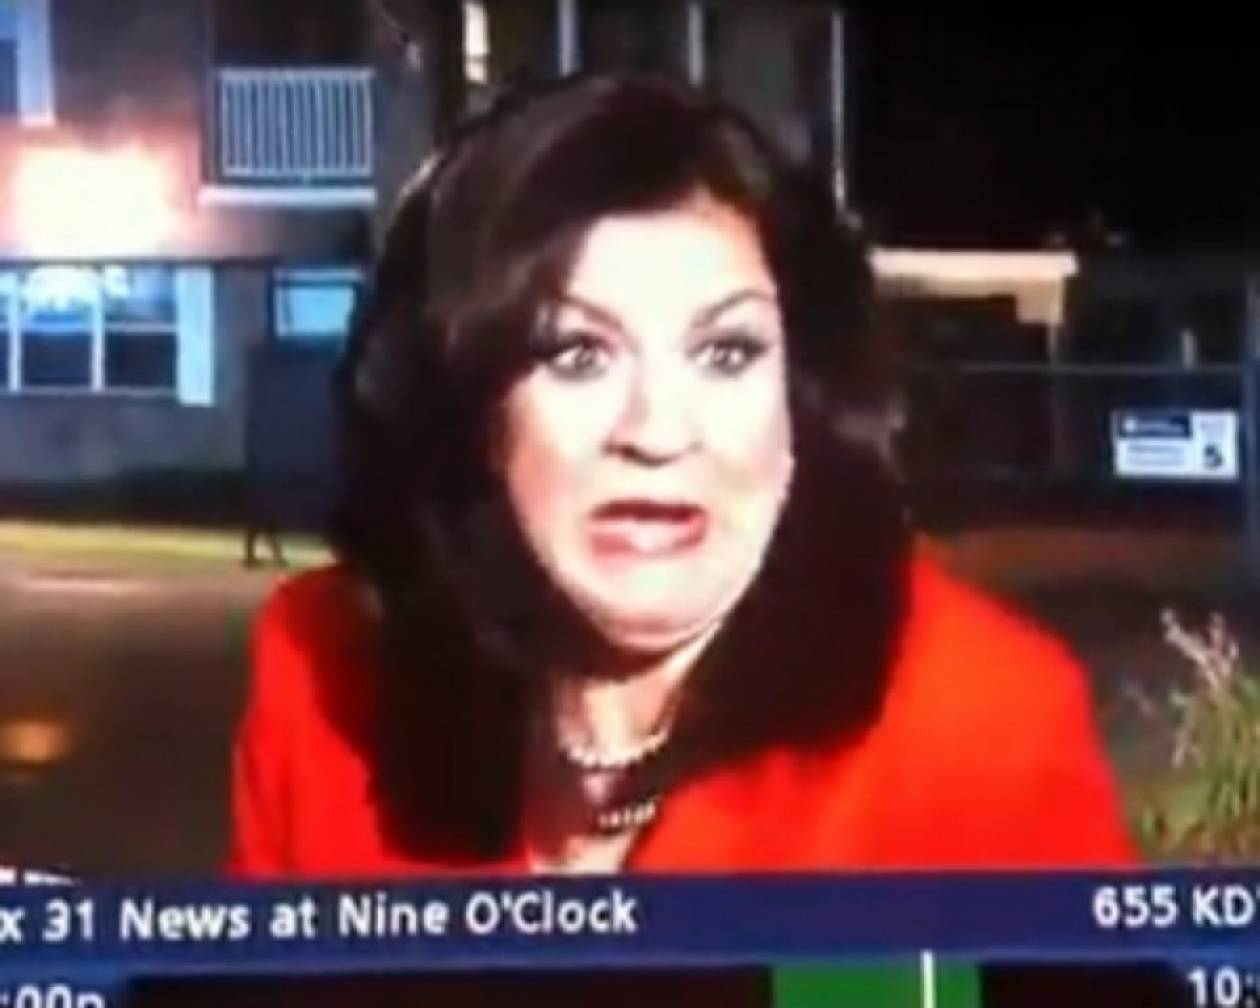 Τι είδε η ρεπόρτερ και... στράβωσε το στόμα της;